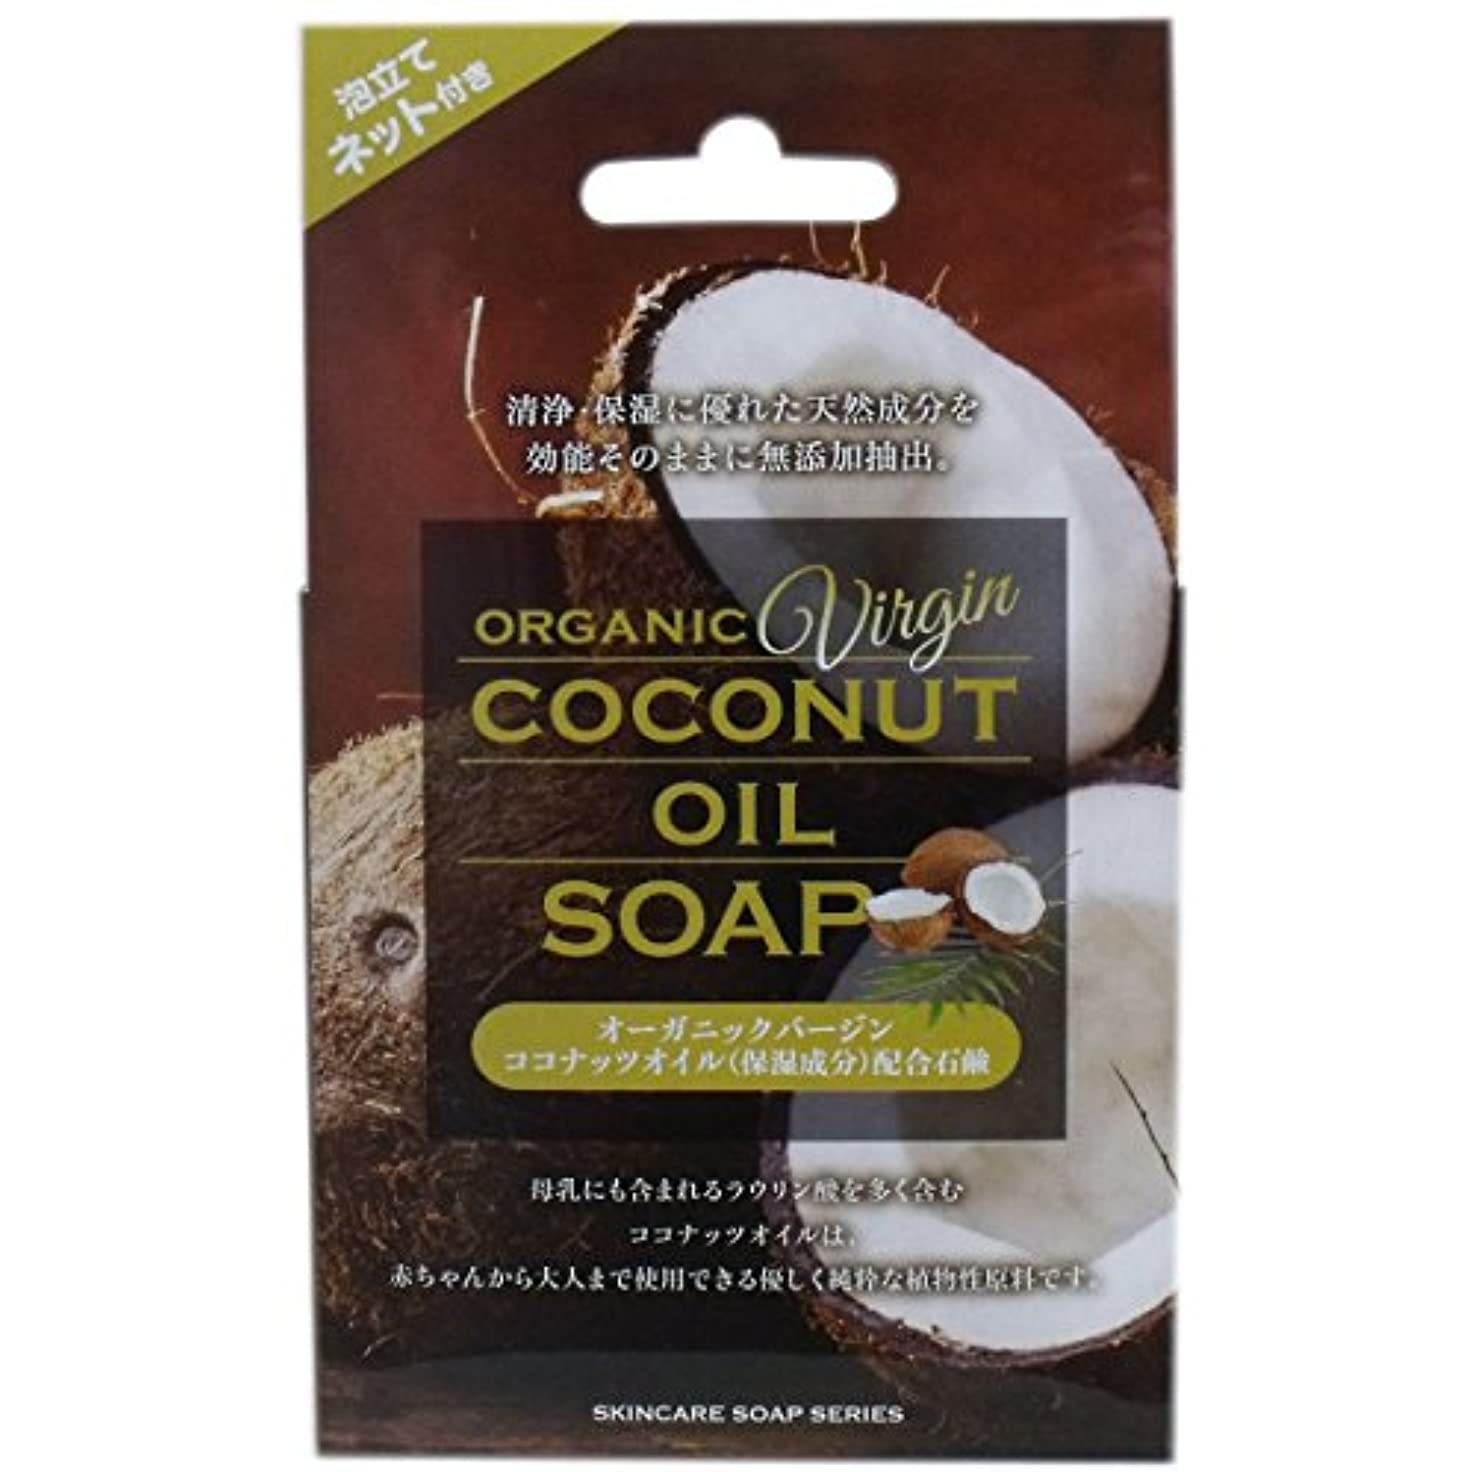 デコードする苦成長するココナッツオイル配合ソープ 80g 石けん ×3個